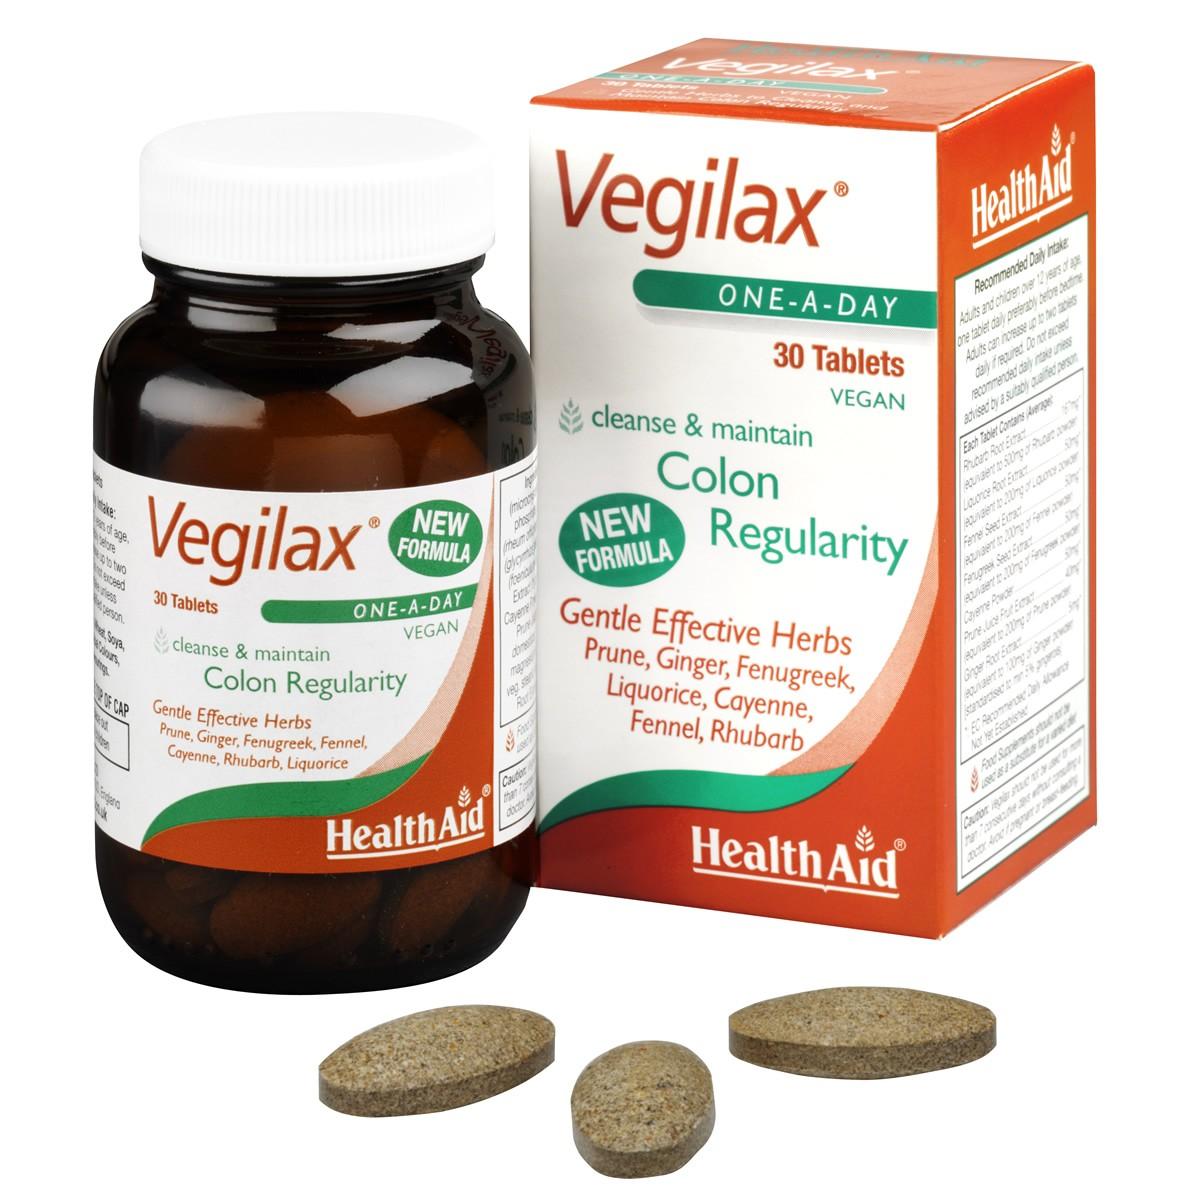 HealthAid Vegilax Tablets